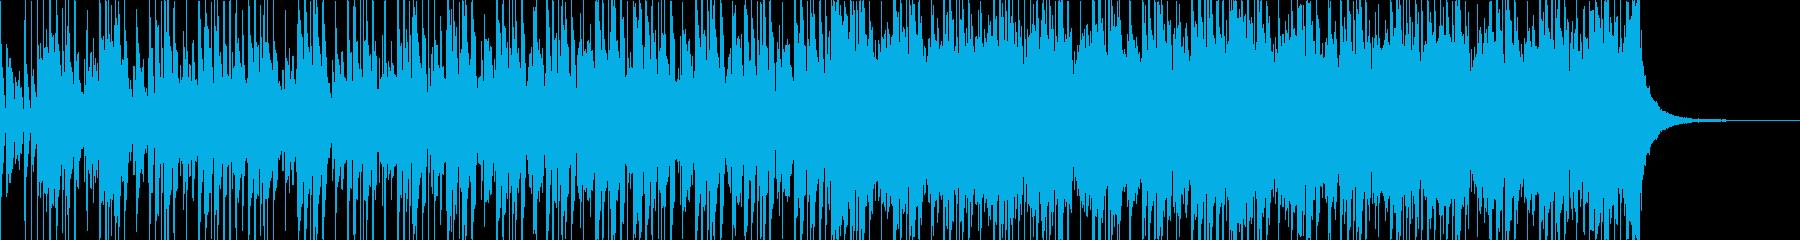 元気で楽しいリズミカルなオープニング曲の再生済みの波形